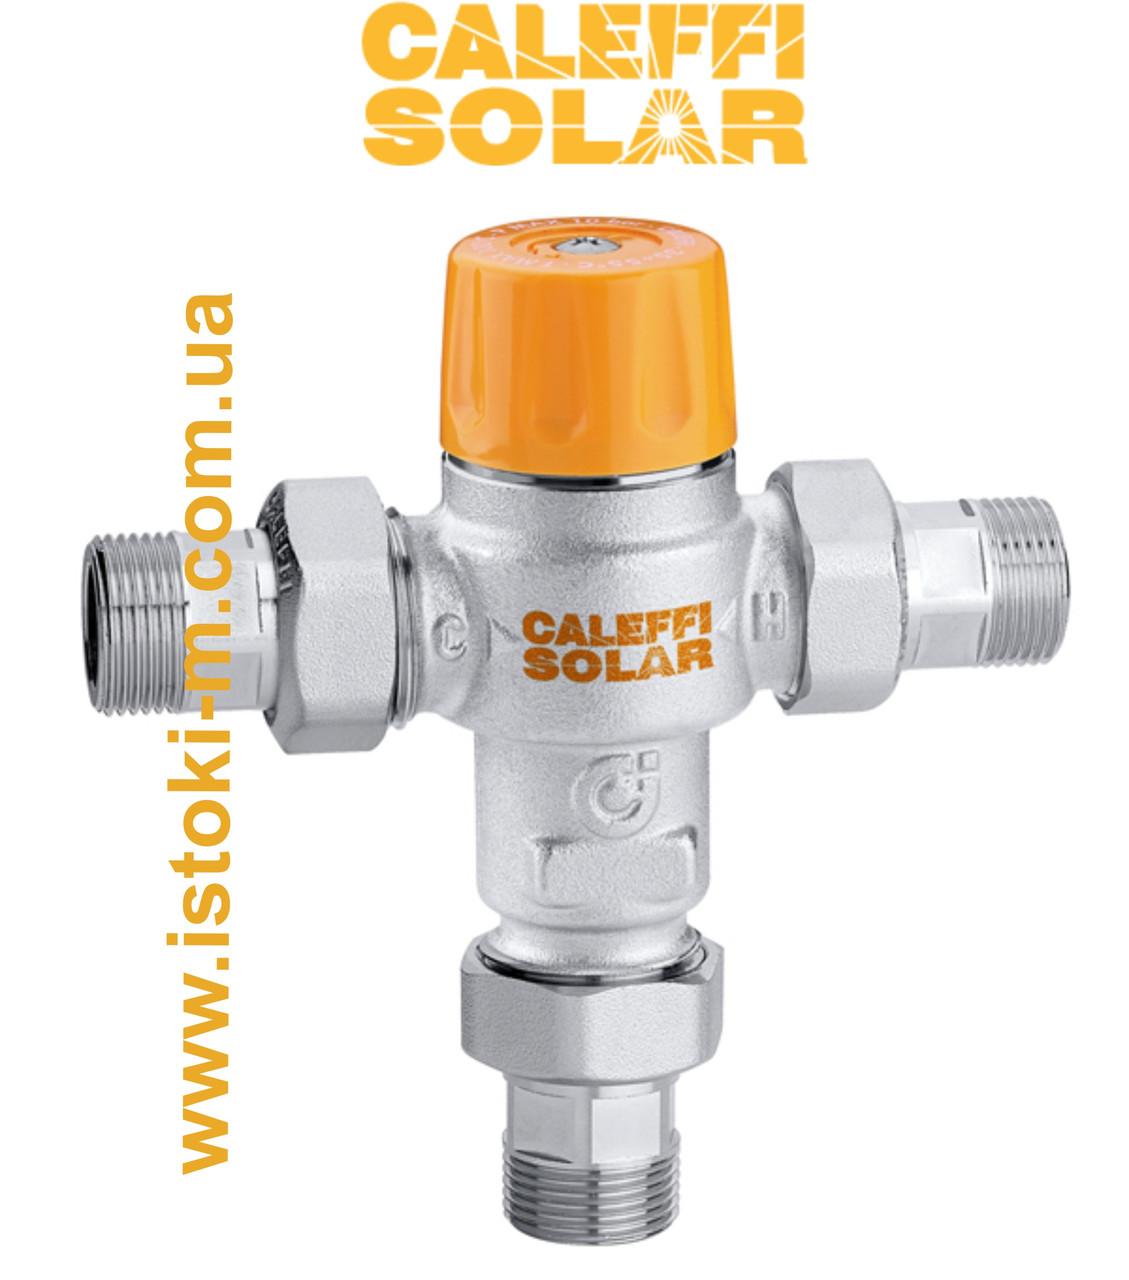 """Регулируемый термостатический смеситель 3/4"""" с защитой от ожогов для гелиосистем CALEFFI SOLAR, фото 1"""